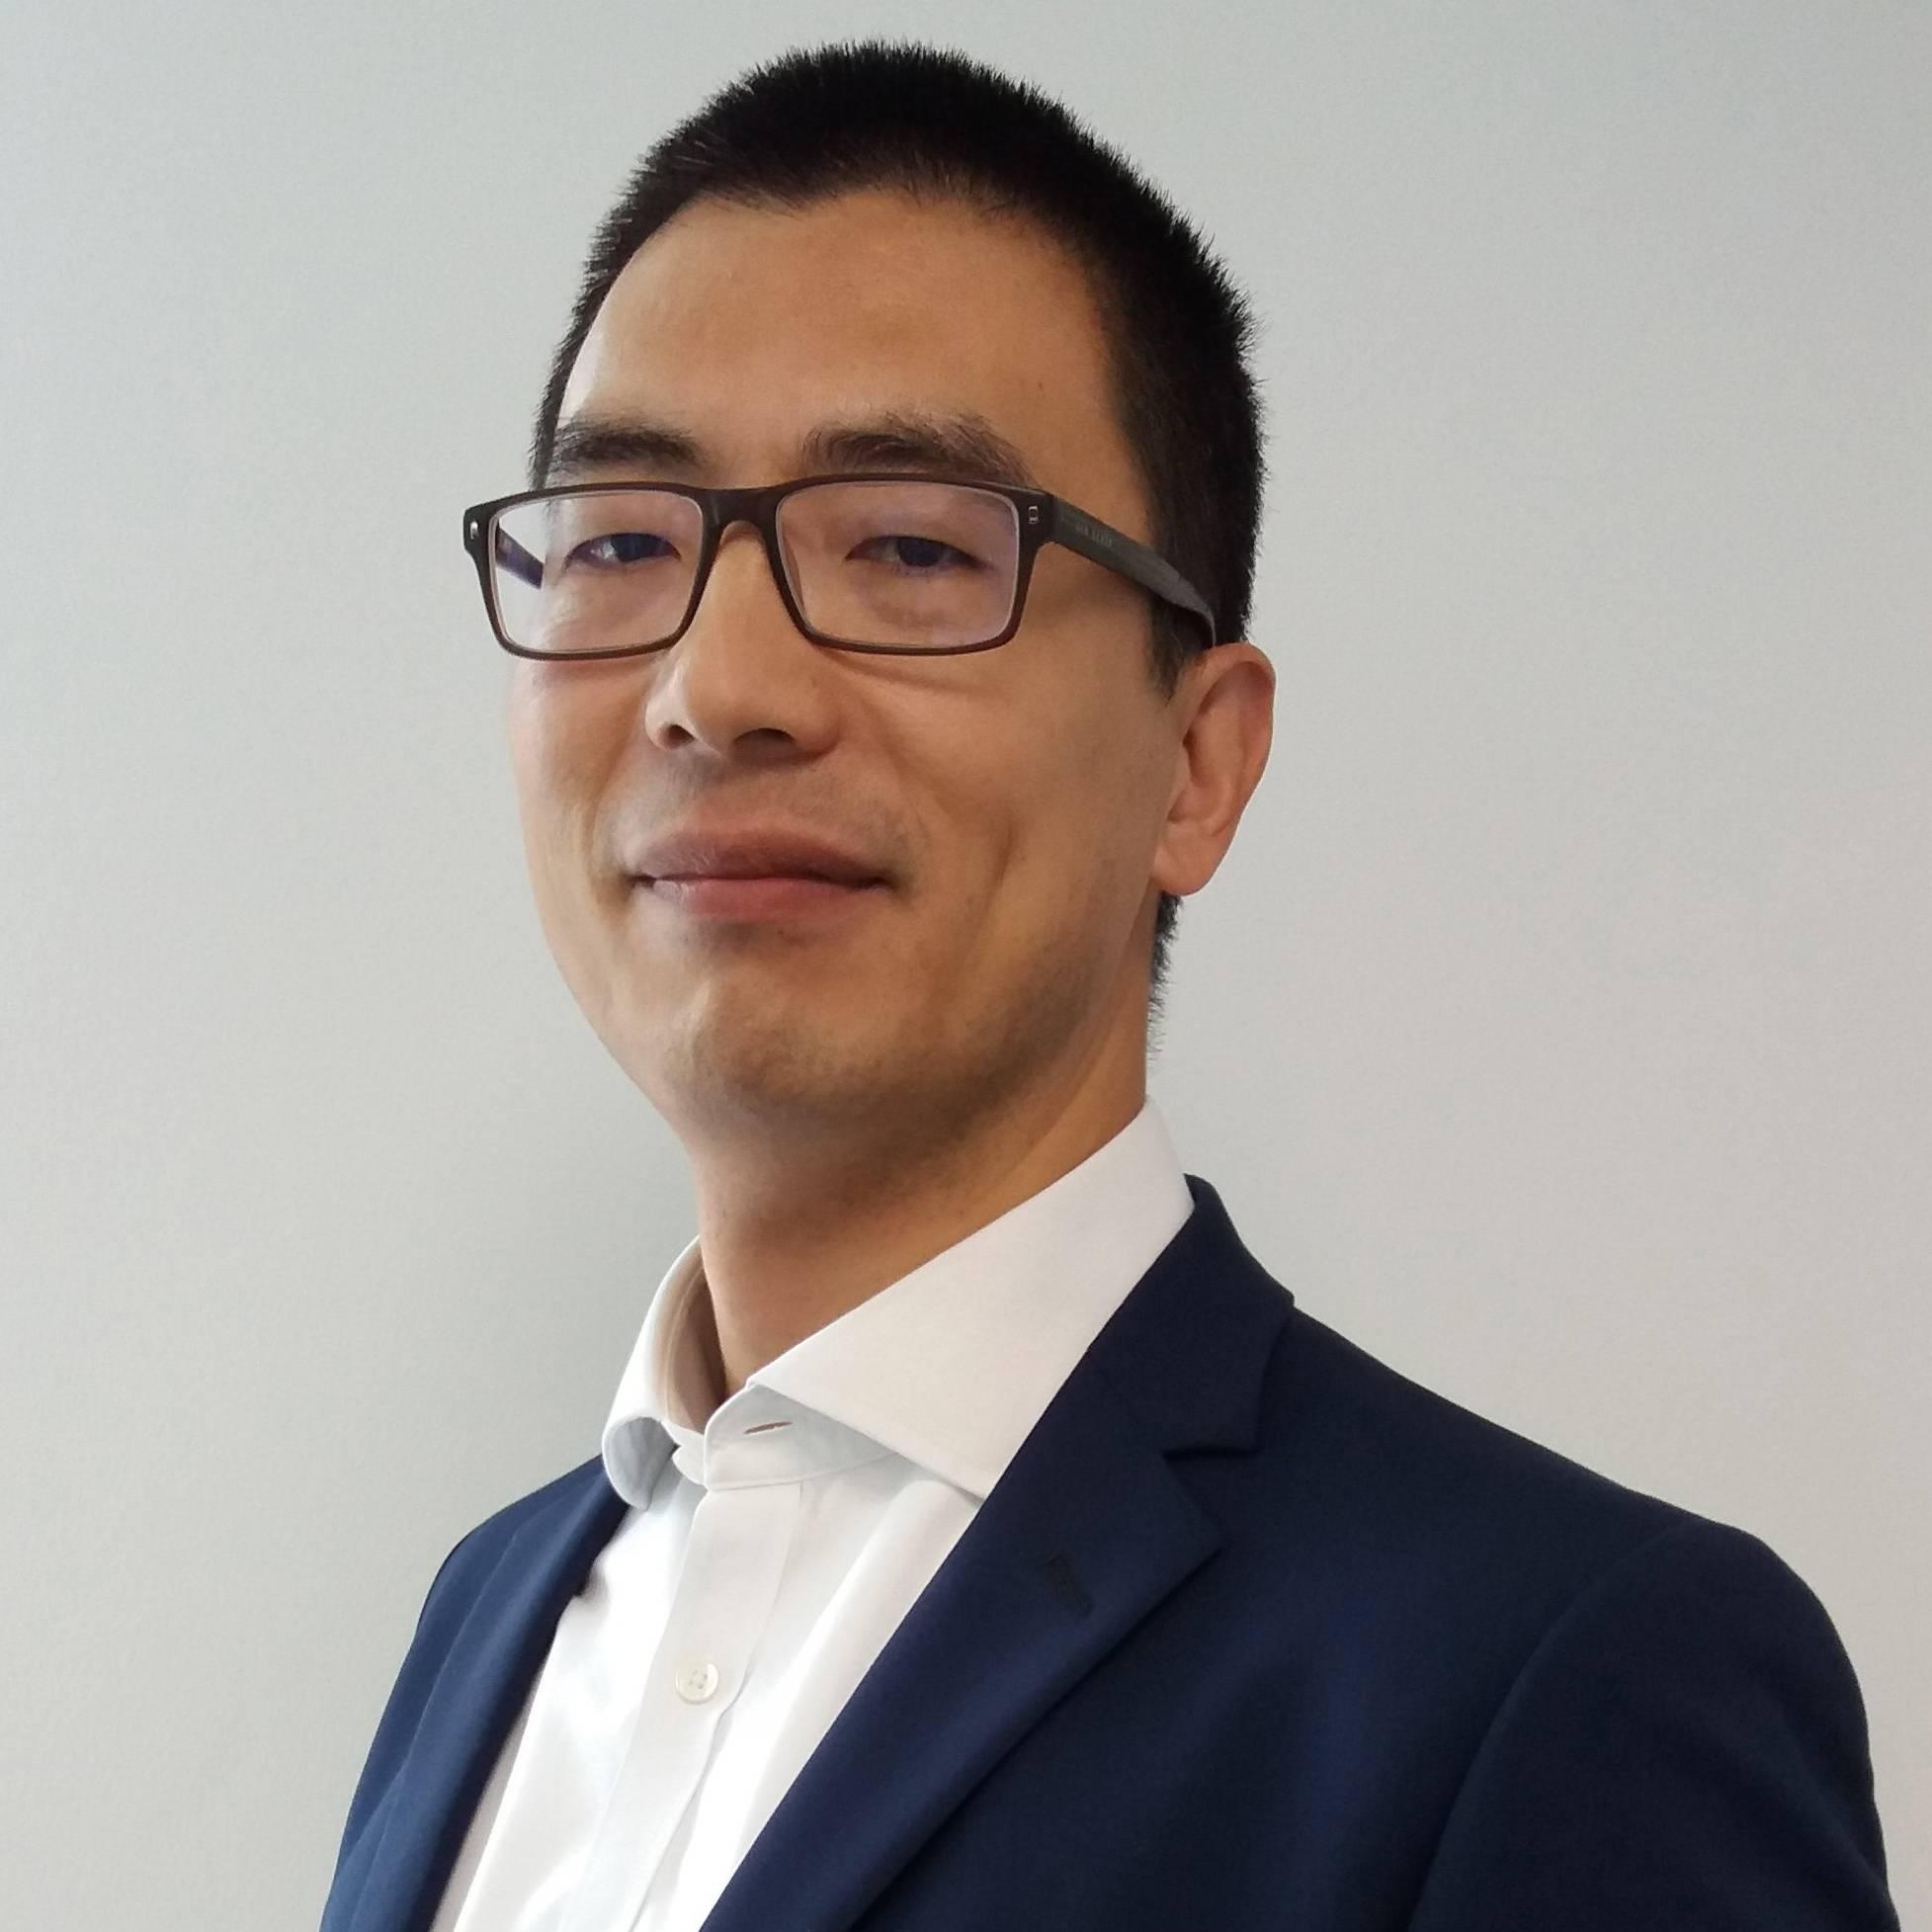 Guang Deng